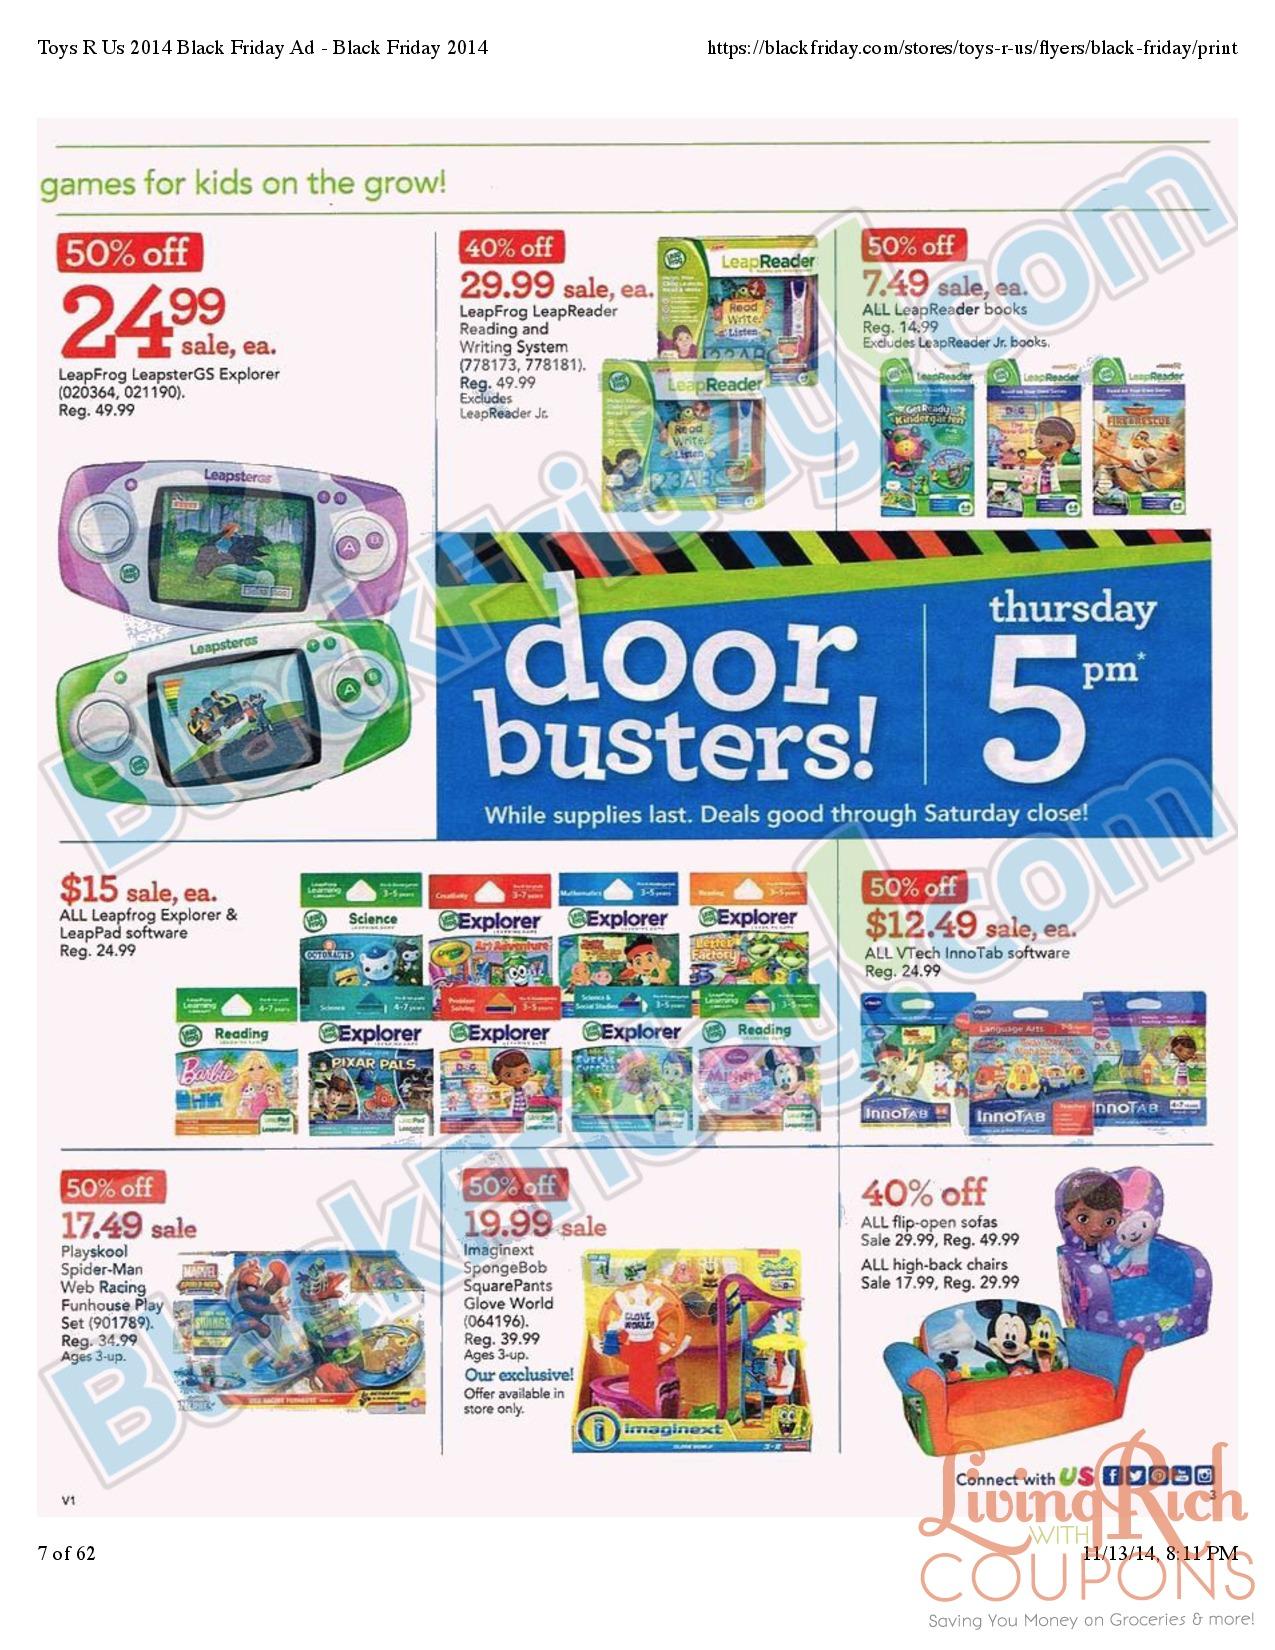 Toys R Us Black Friday Ad 2014, Black Friday Deals, Black Friday ...